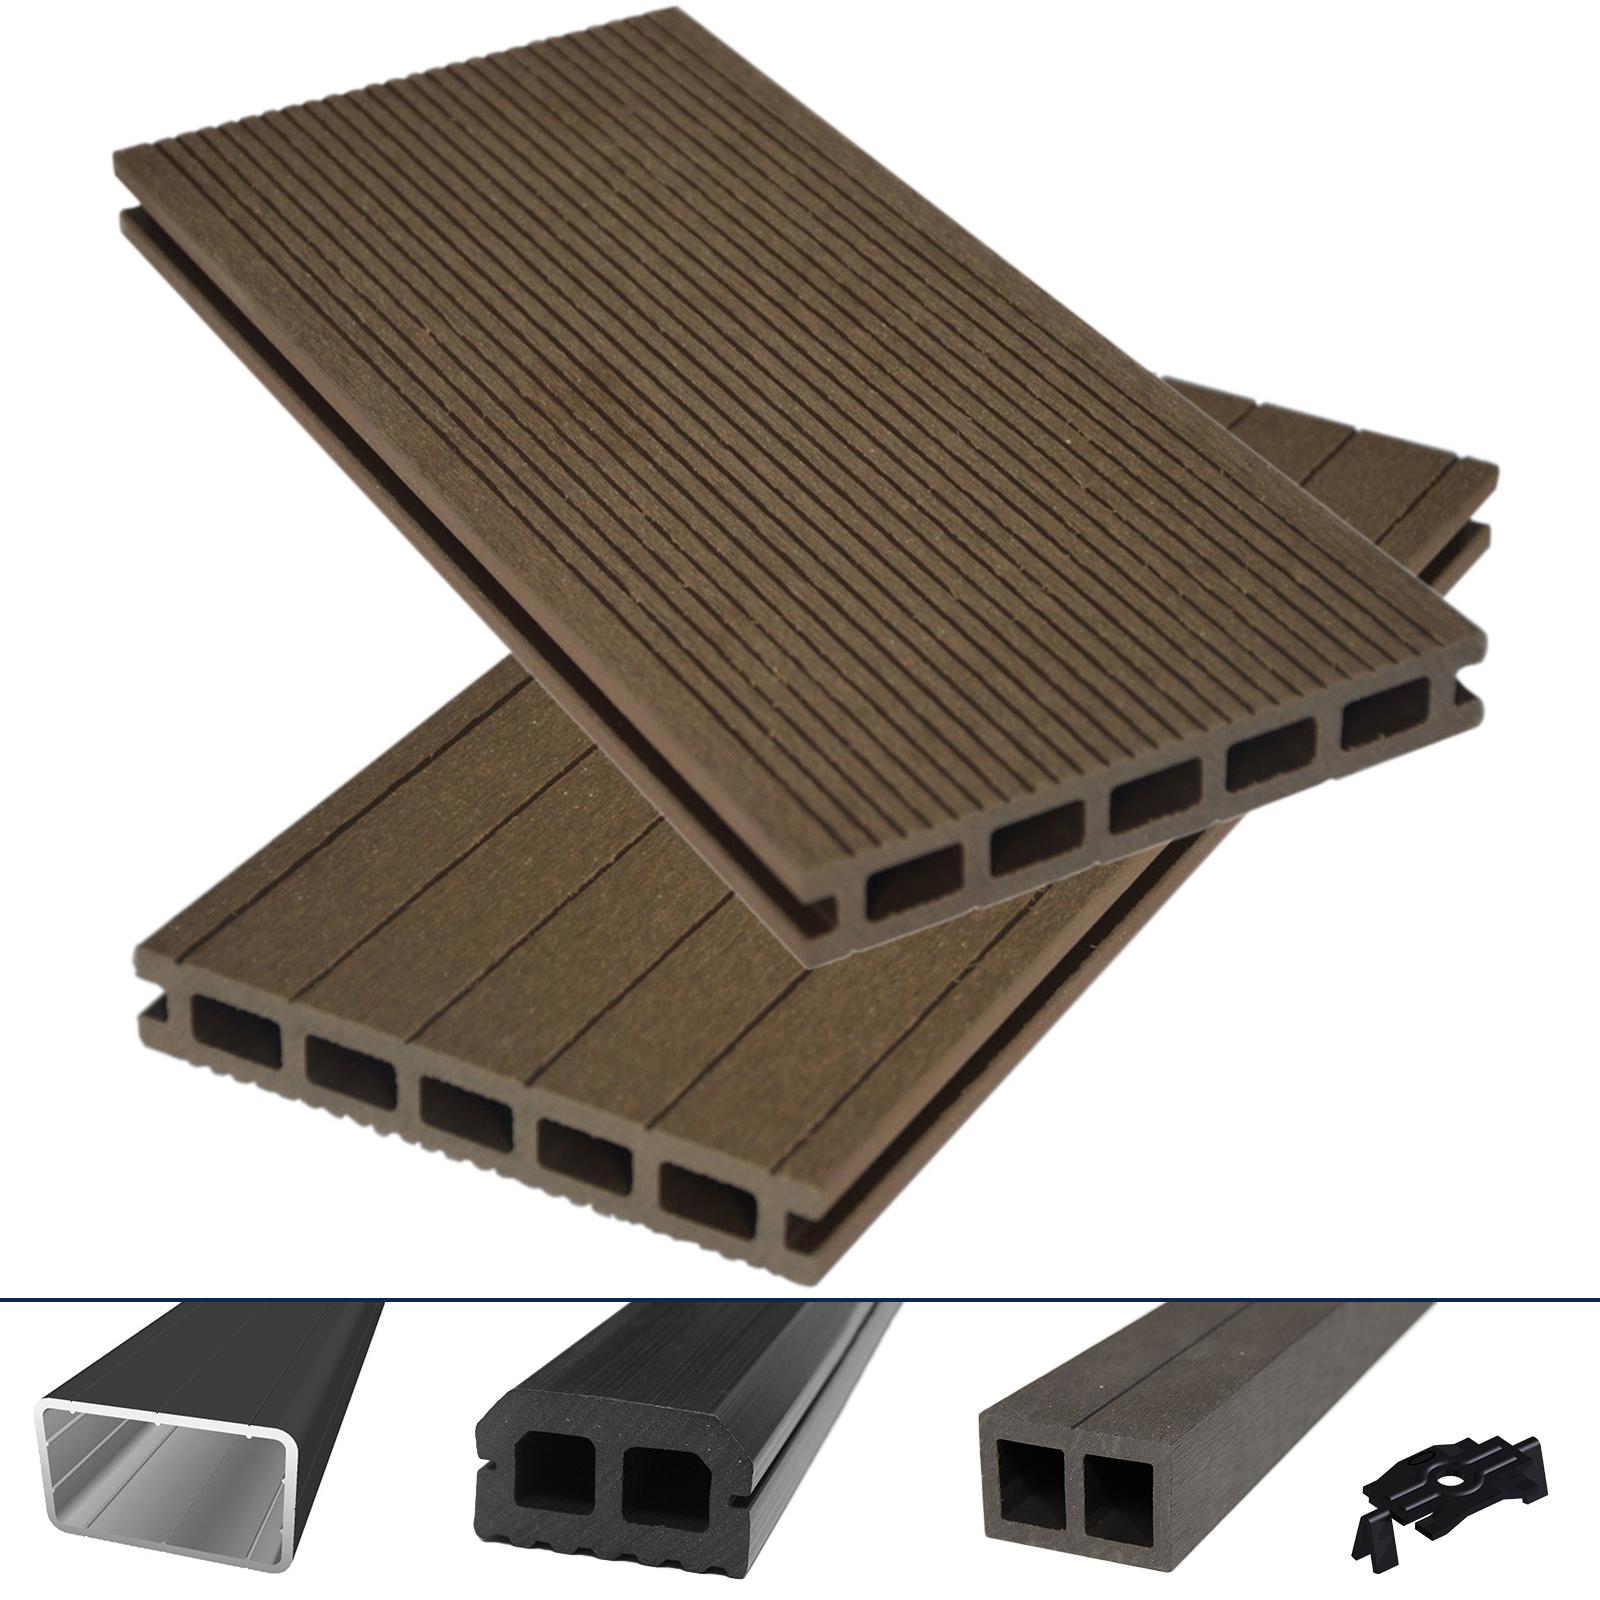 wpc bpc terrassendiele hori hohlkammer braun komplettset komplettbausatz 5 78 m ebay. Black Bedroom Furniture Sets. Home Design Ideas